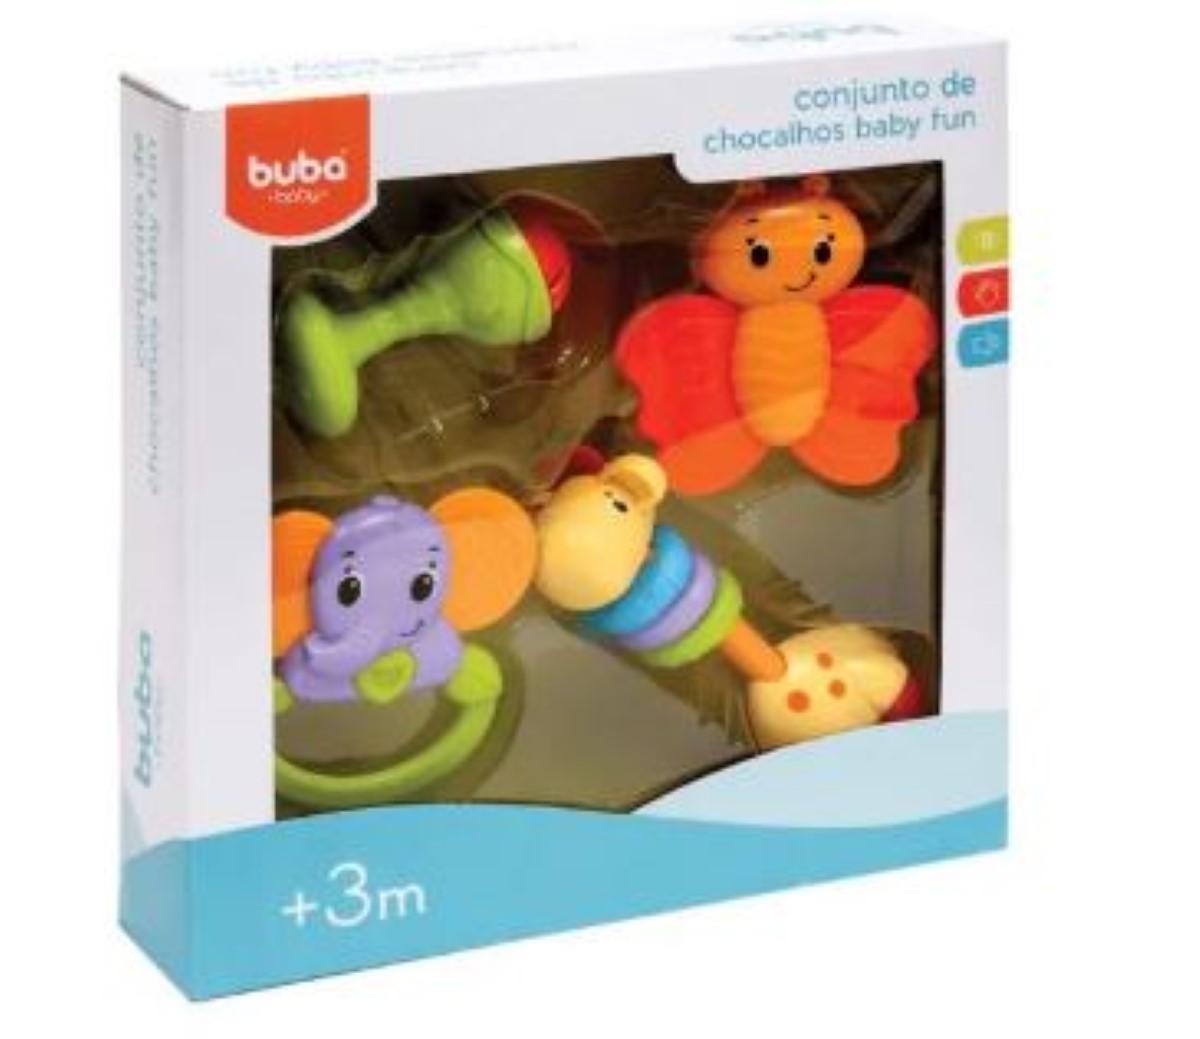 Conjunto De Chocalhos Baby Fun Bebe Infantil Buba